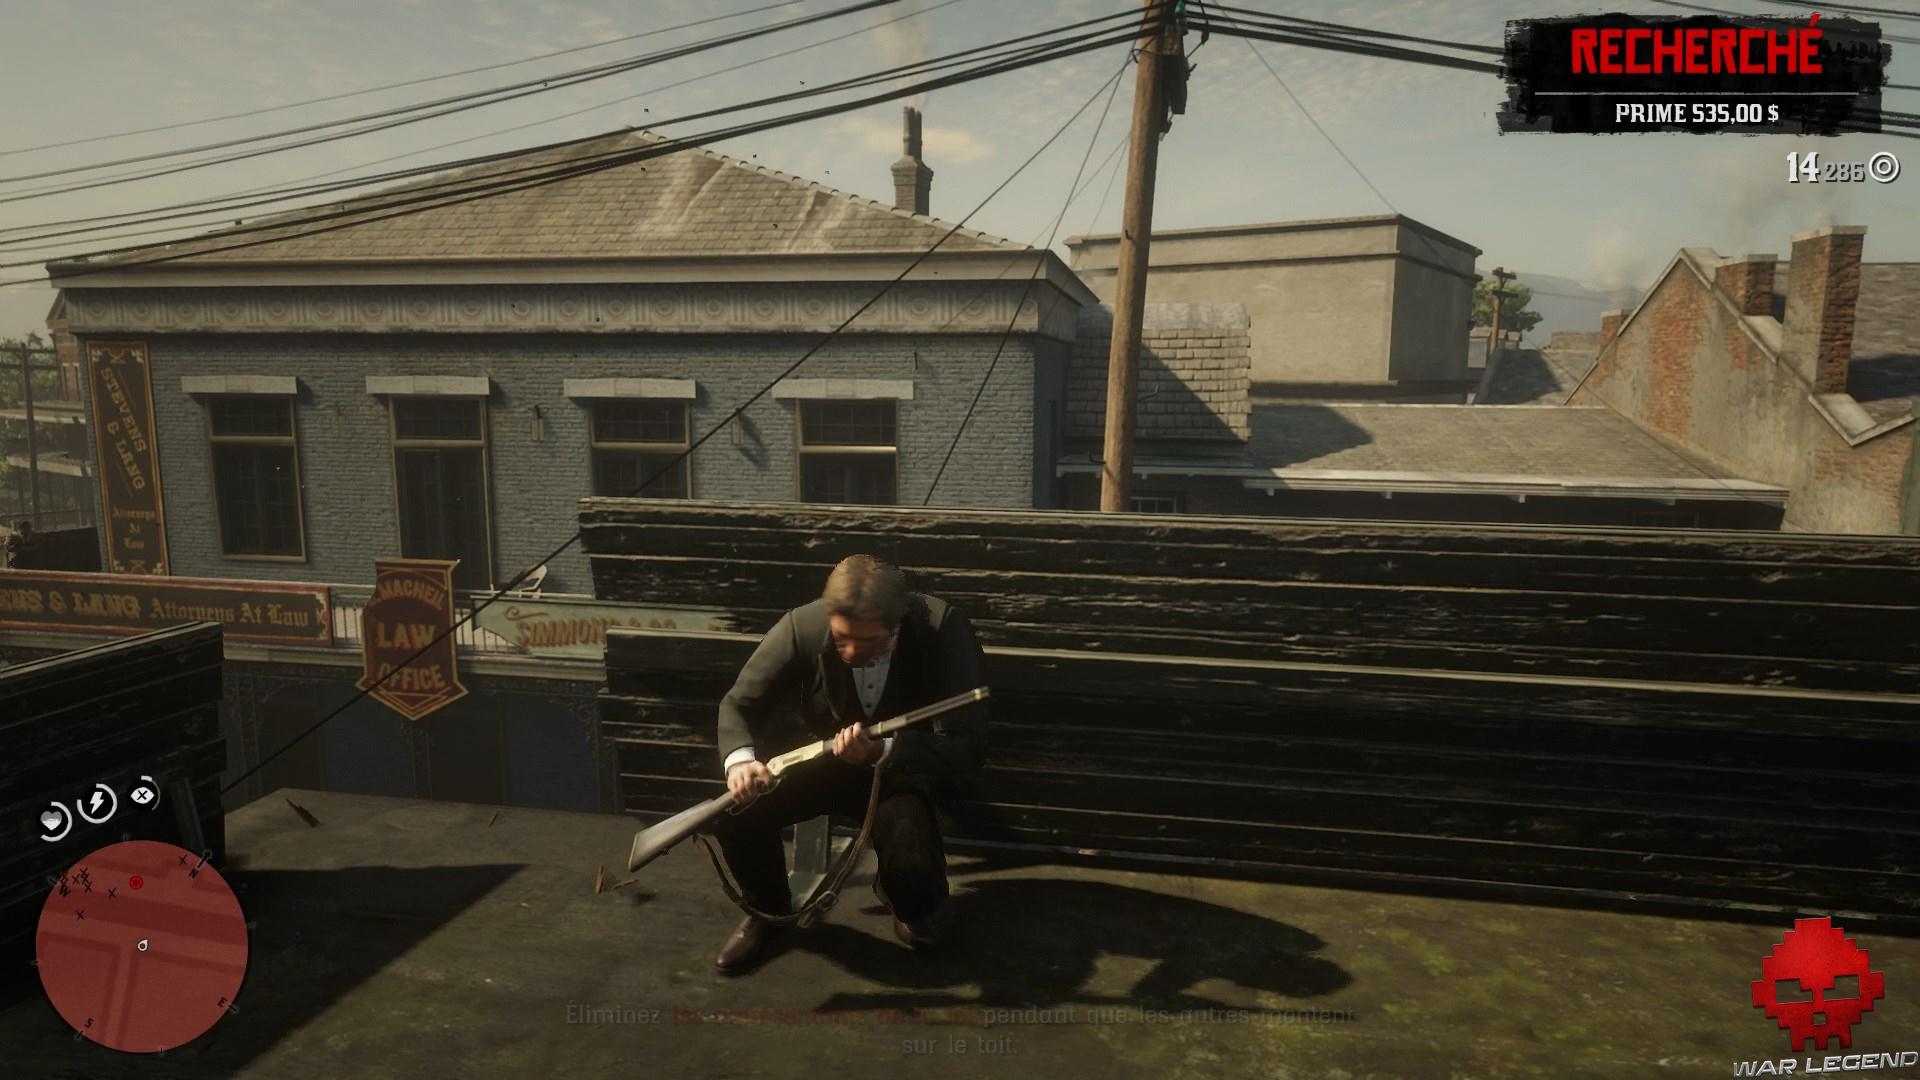 soluce red dead redemption 2 la banque cet ancien art américain arthur planqué sur les toits